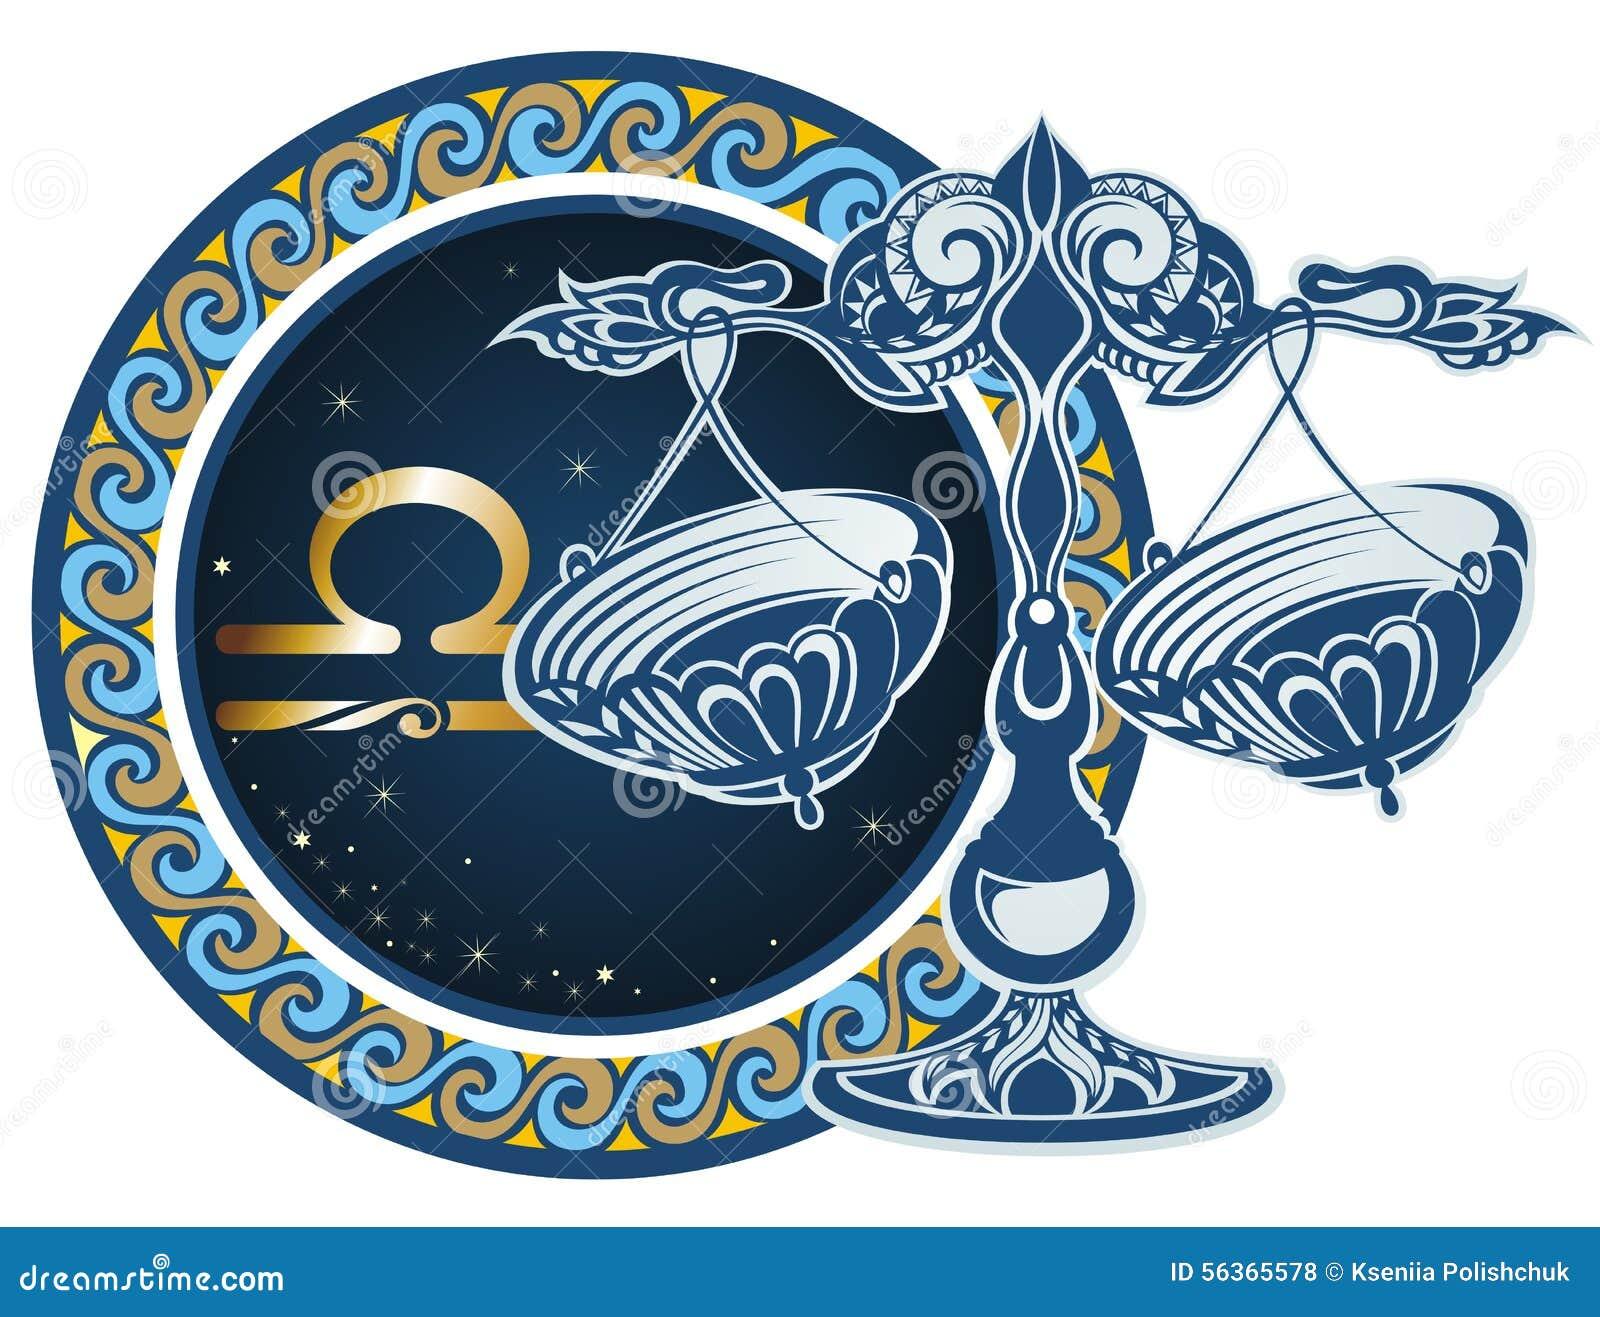 signes de zodiaque balance illustration de vecteur image 56365578. Black Bedroom Furniture Sets. Home Design Ideas